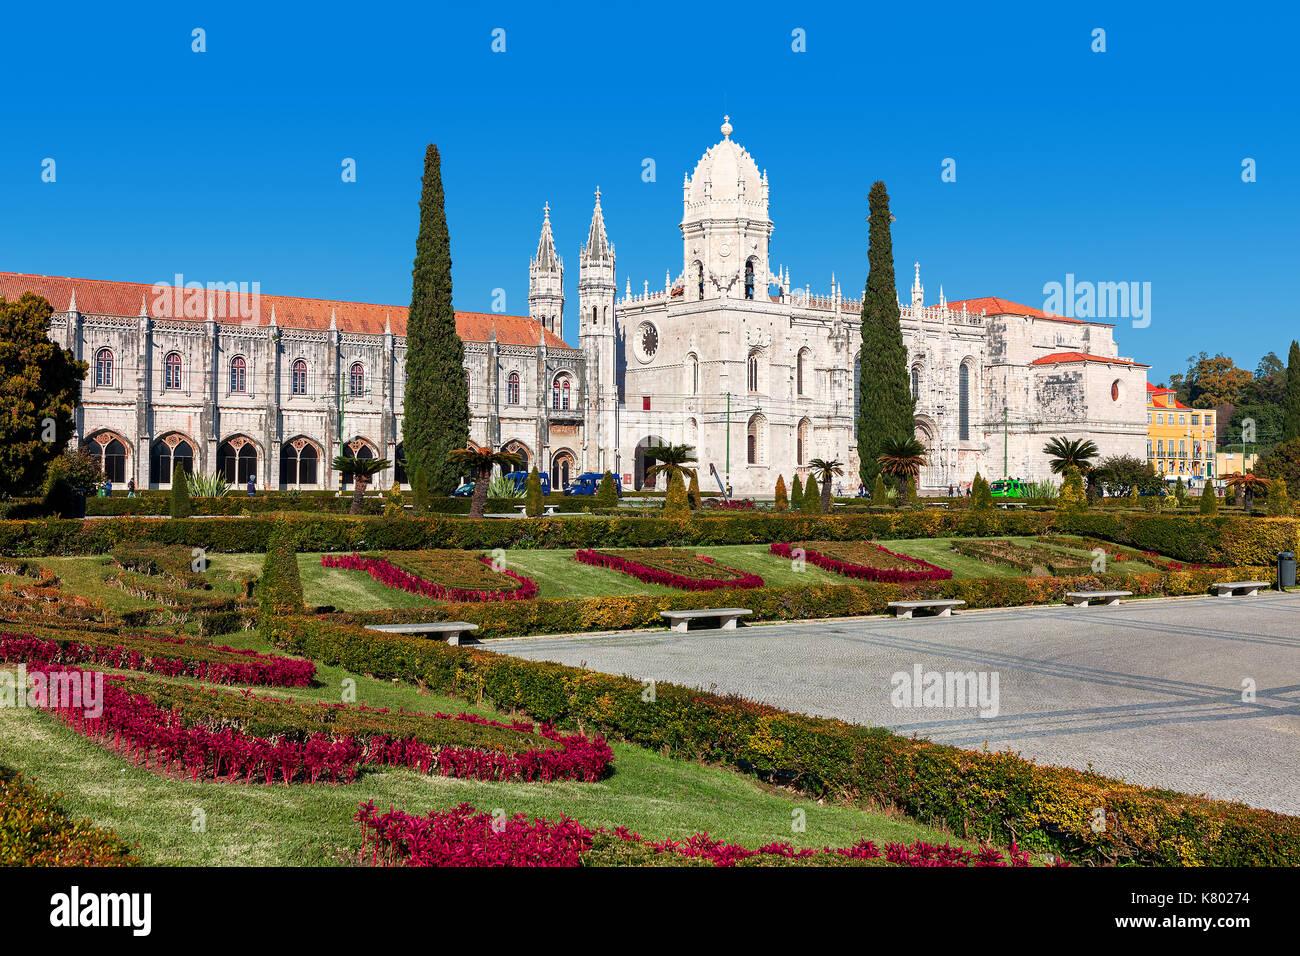 Vista del parque urbano con flores y los jeronimos (aka hieronymites) monasterio bajo un cielo azul en Lisboa, Portugal. Imagen De Stock